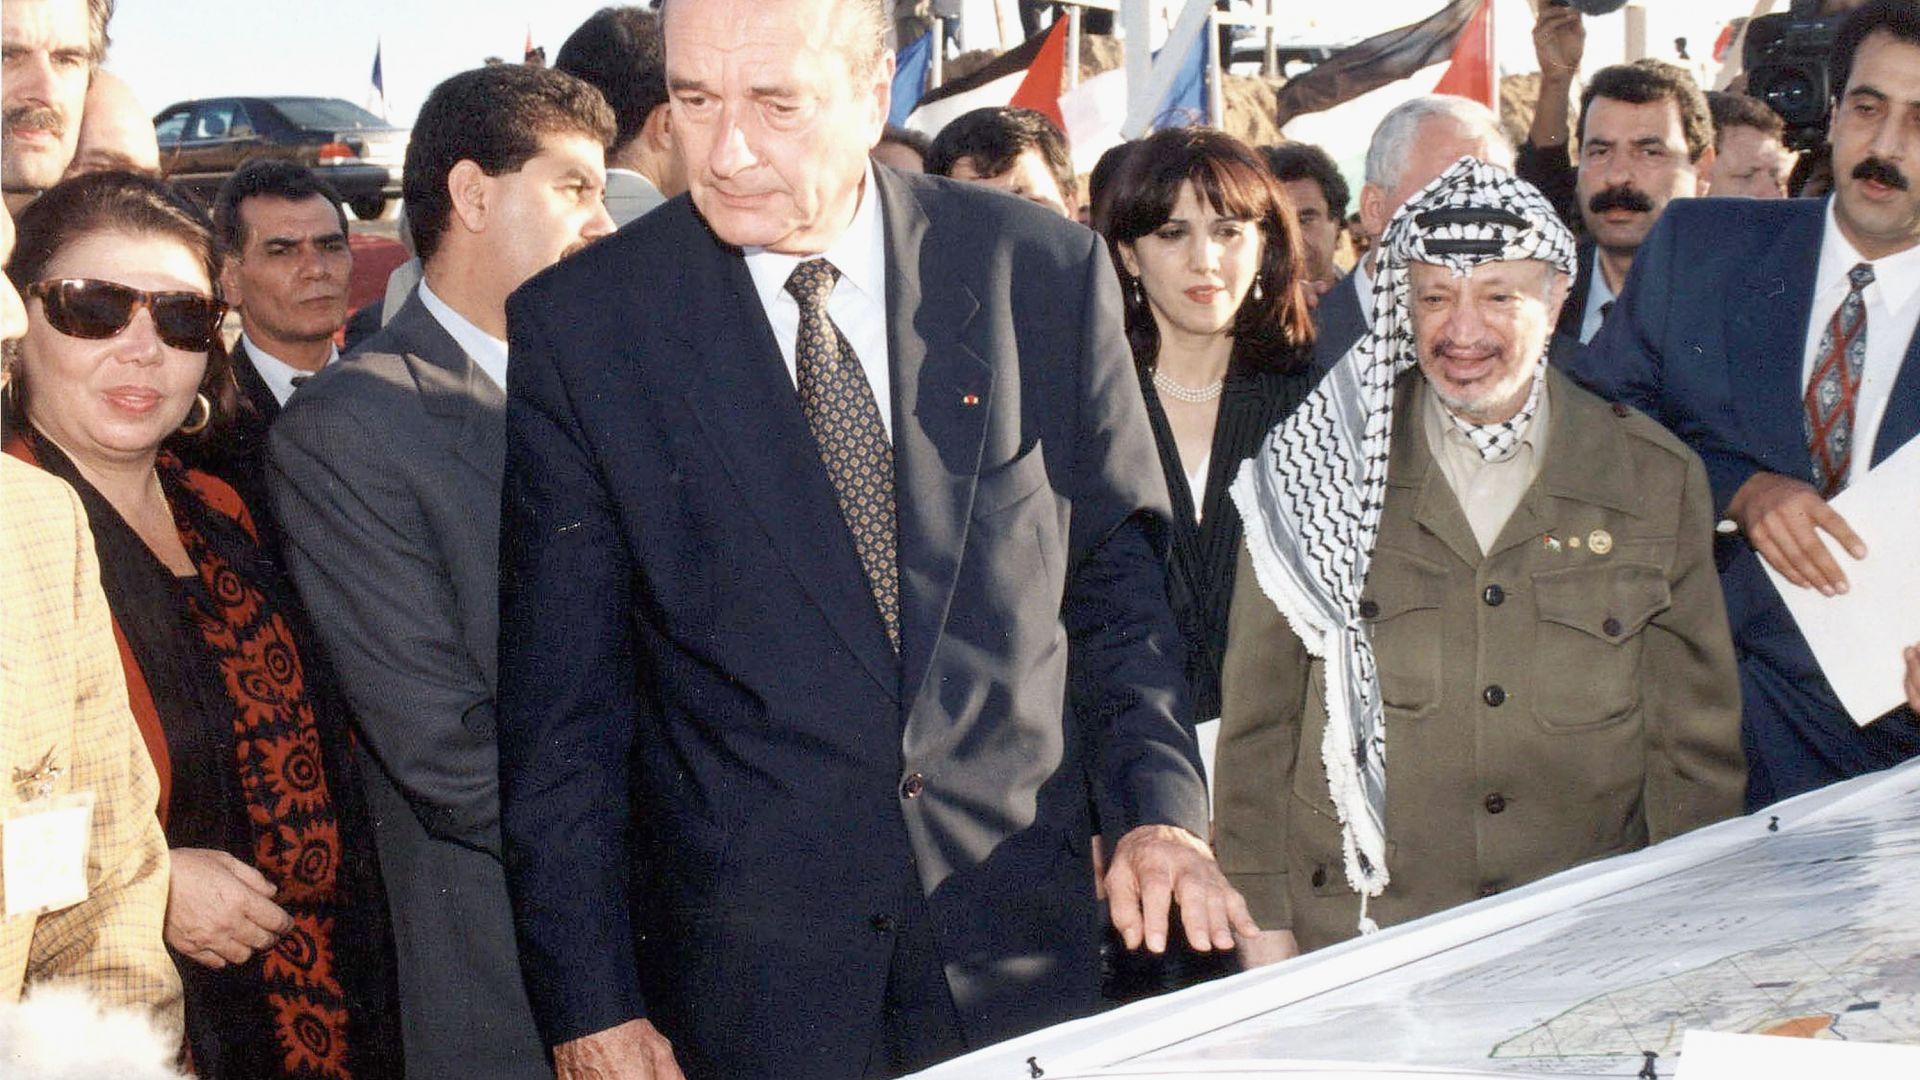 През 90-те години на миналия век Жак Ширак изгражда близки контакти с палестинския лидер Ясер Арафат, а това го превръща в герой за мнозина араби